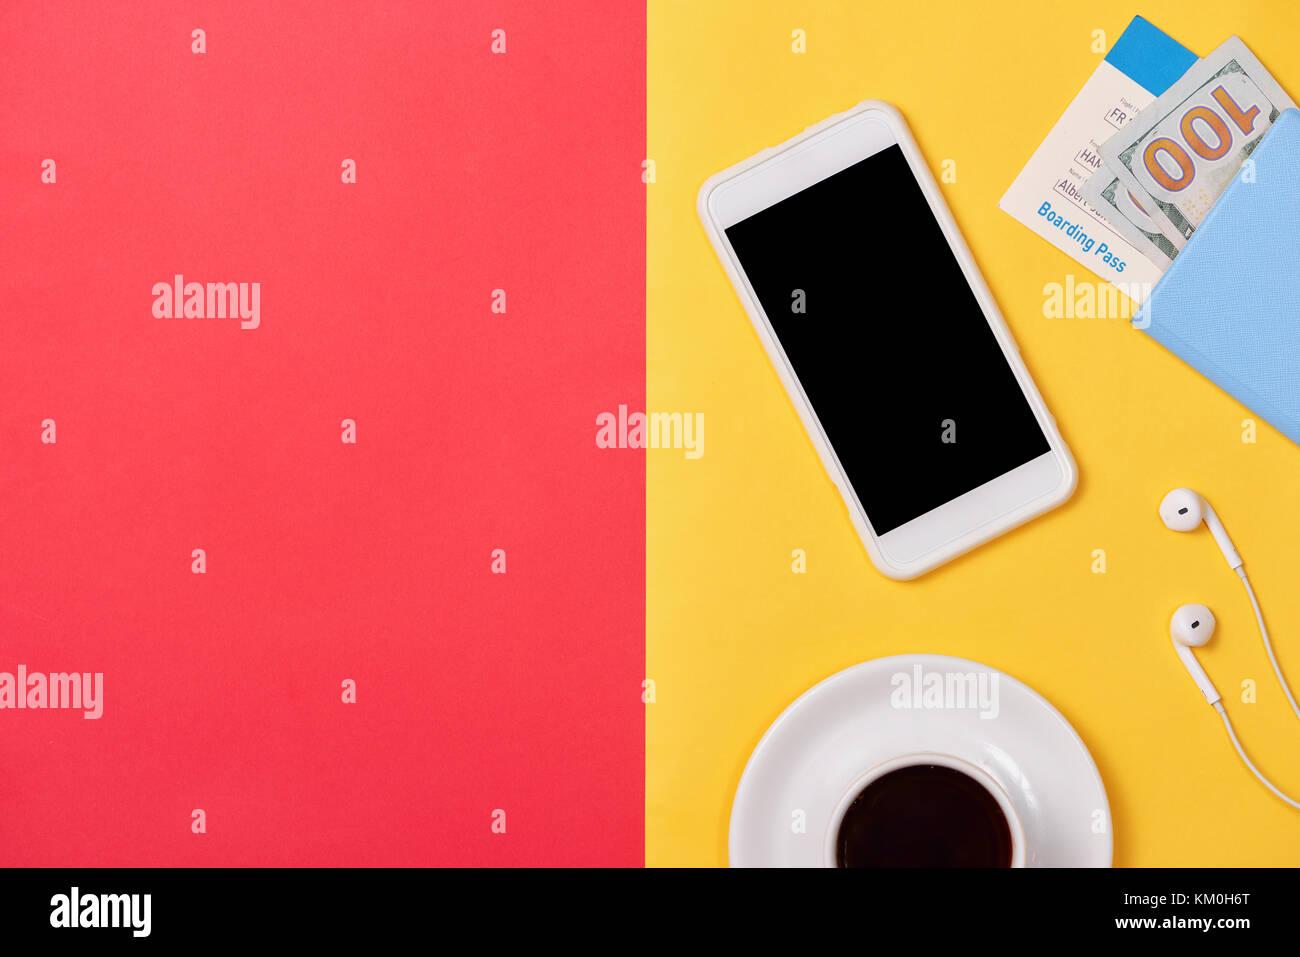 Cellulare Smartphone Con Schermata Bianca Vuota Sul Rosso Sfondo